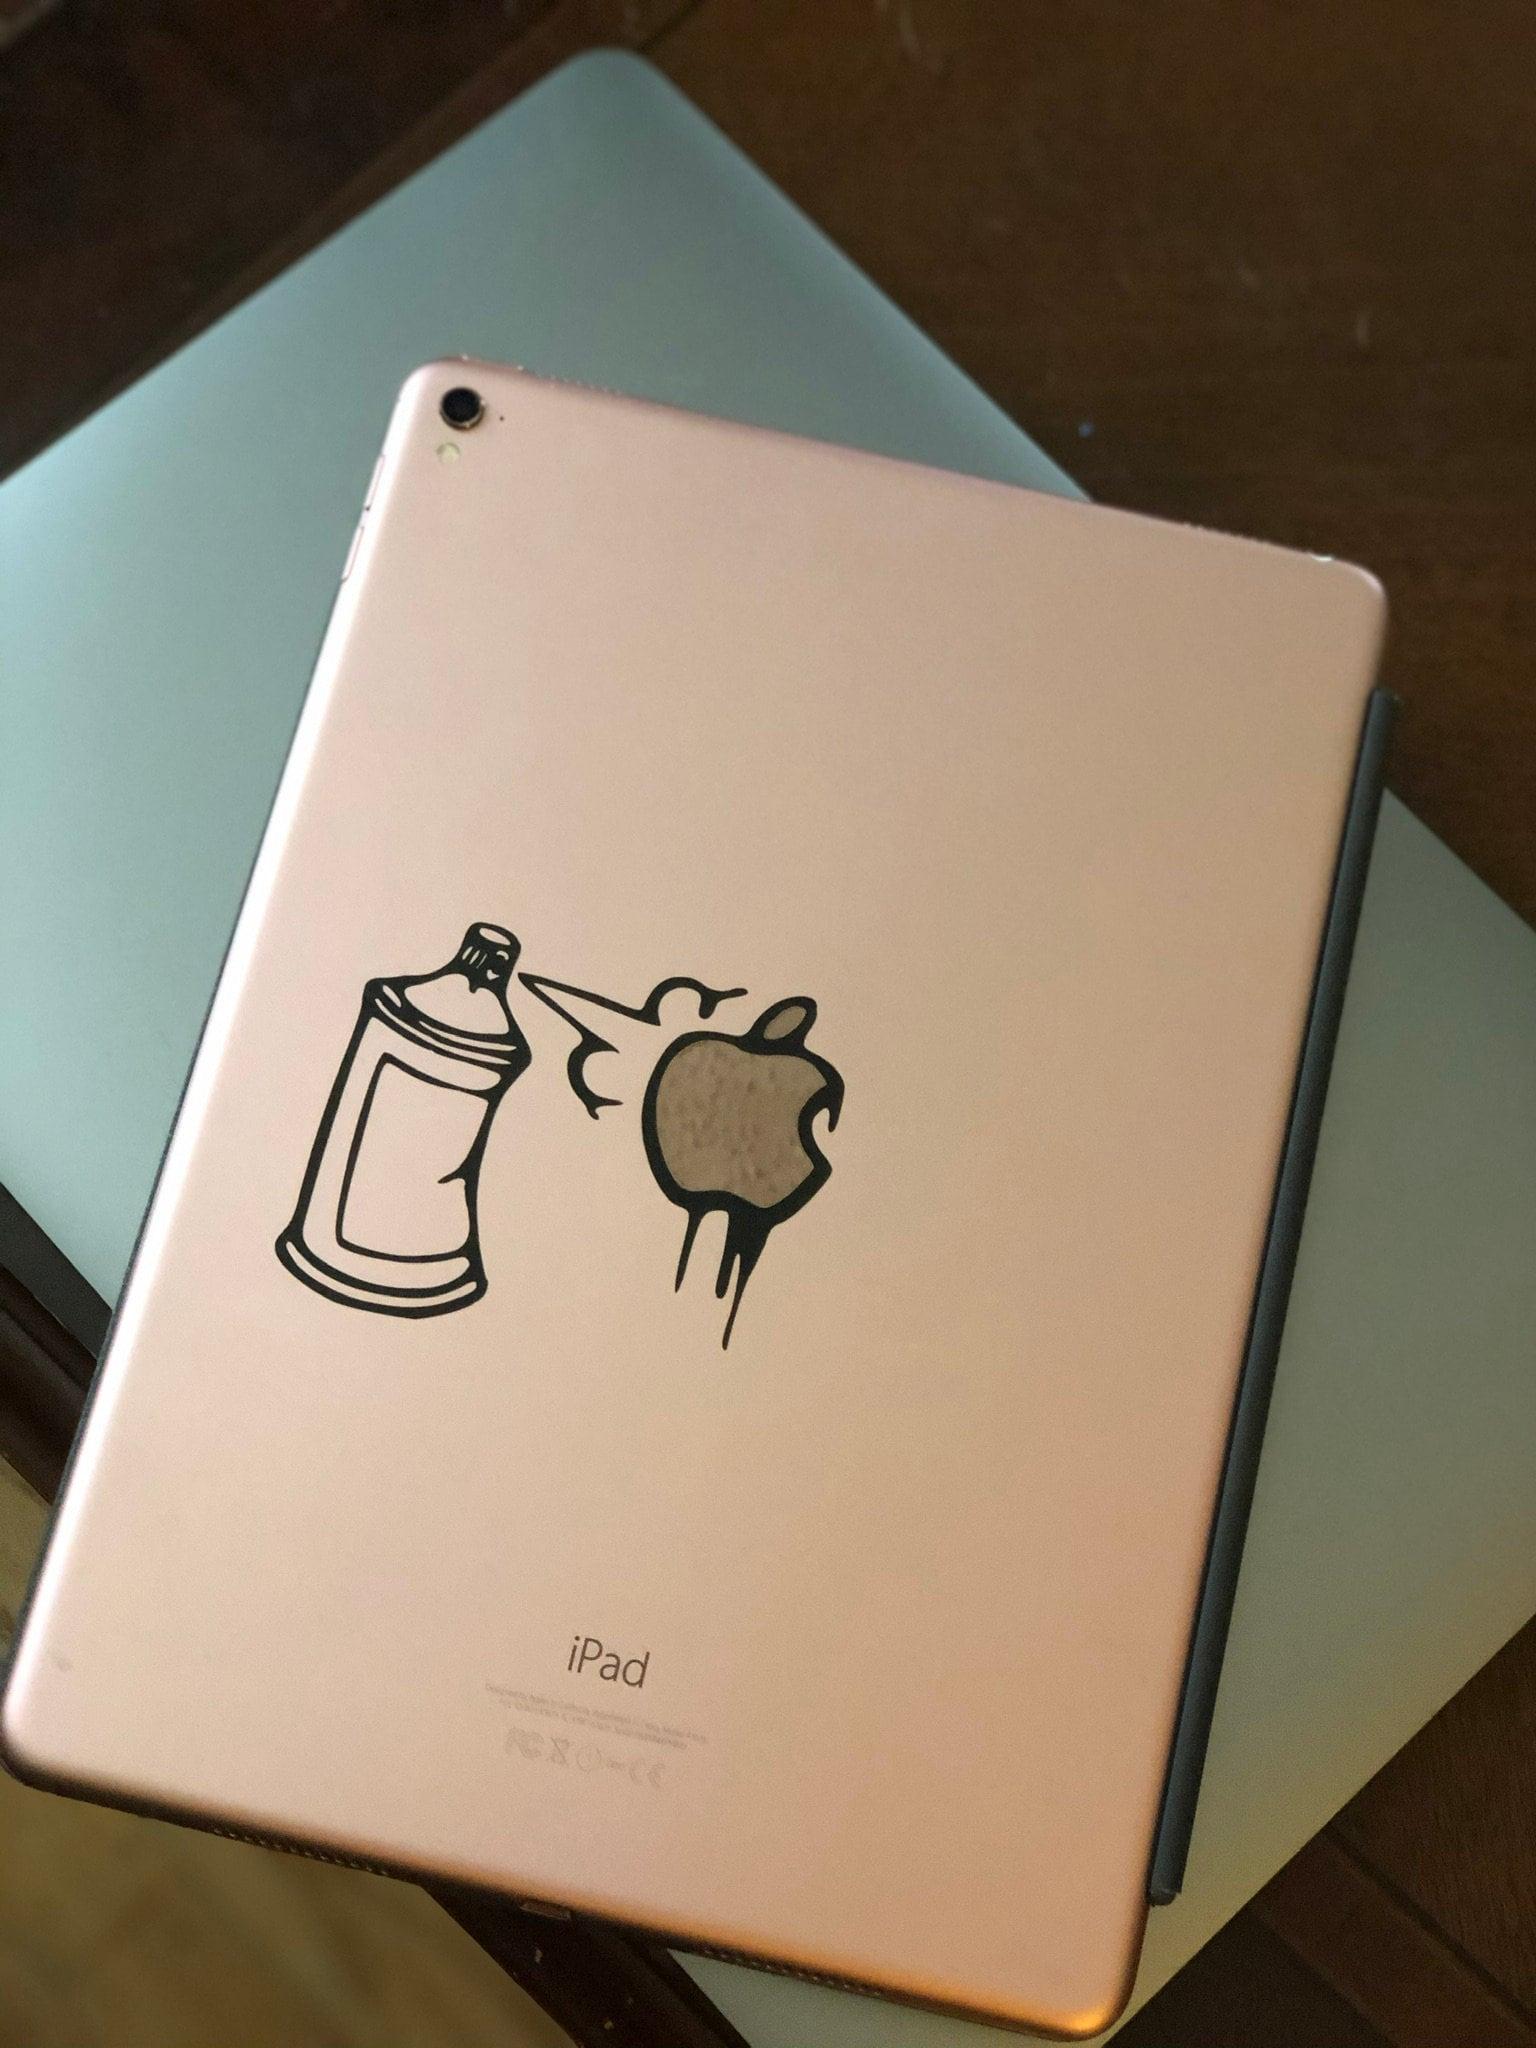 Apple Ipad Decal Spray Can Ipad Decal Spray Paint Can